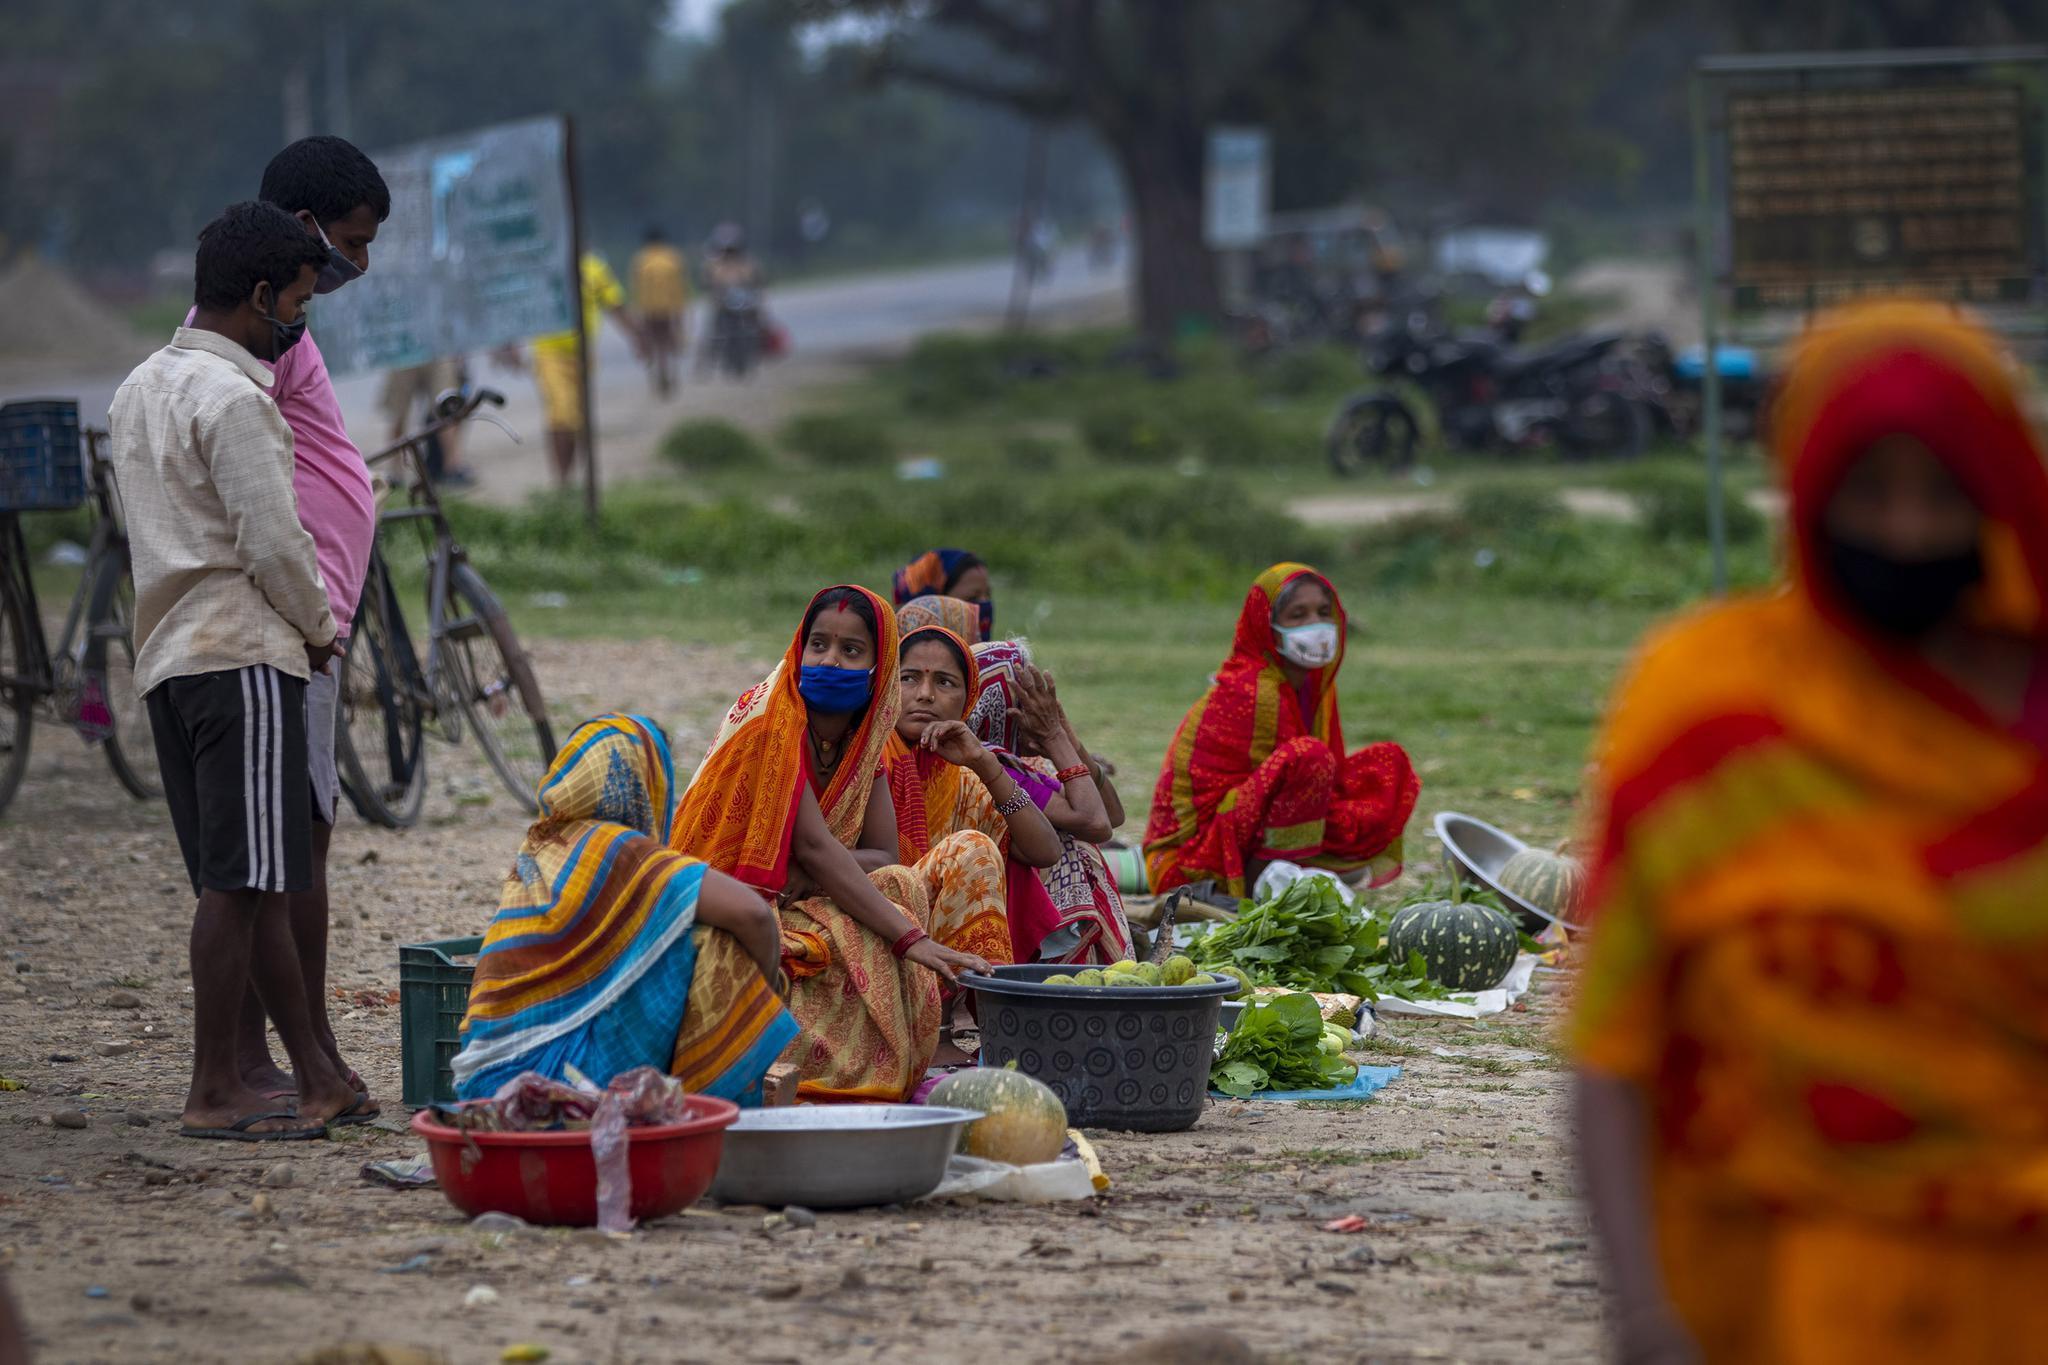 尼泊尔新增1459例新冠肺炎确诊病例 累计56788例